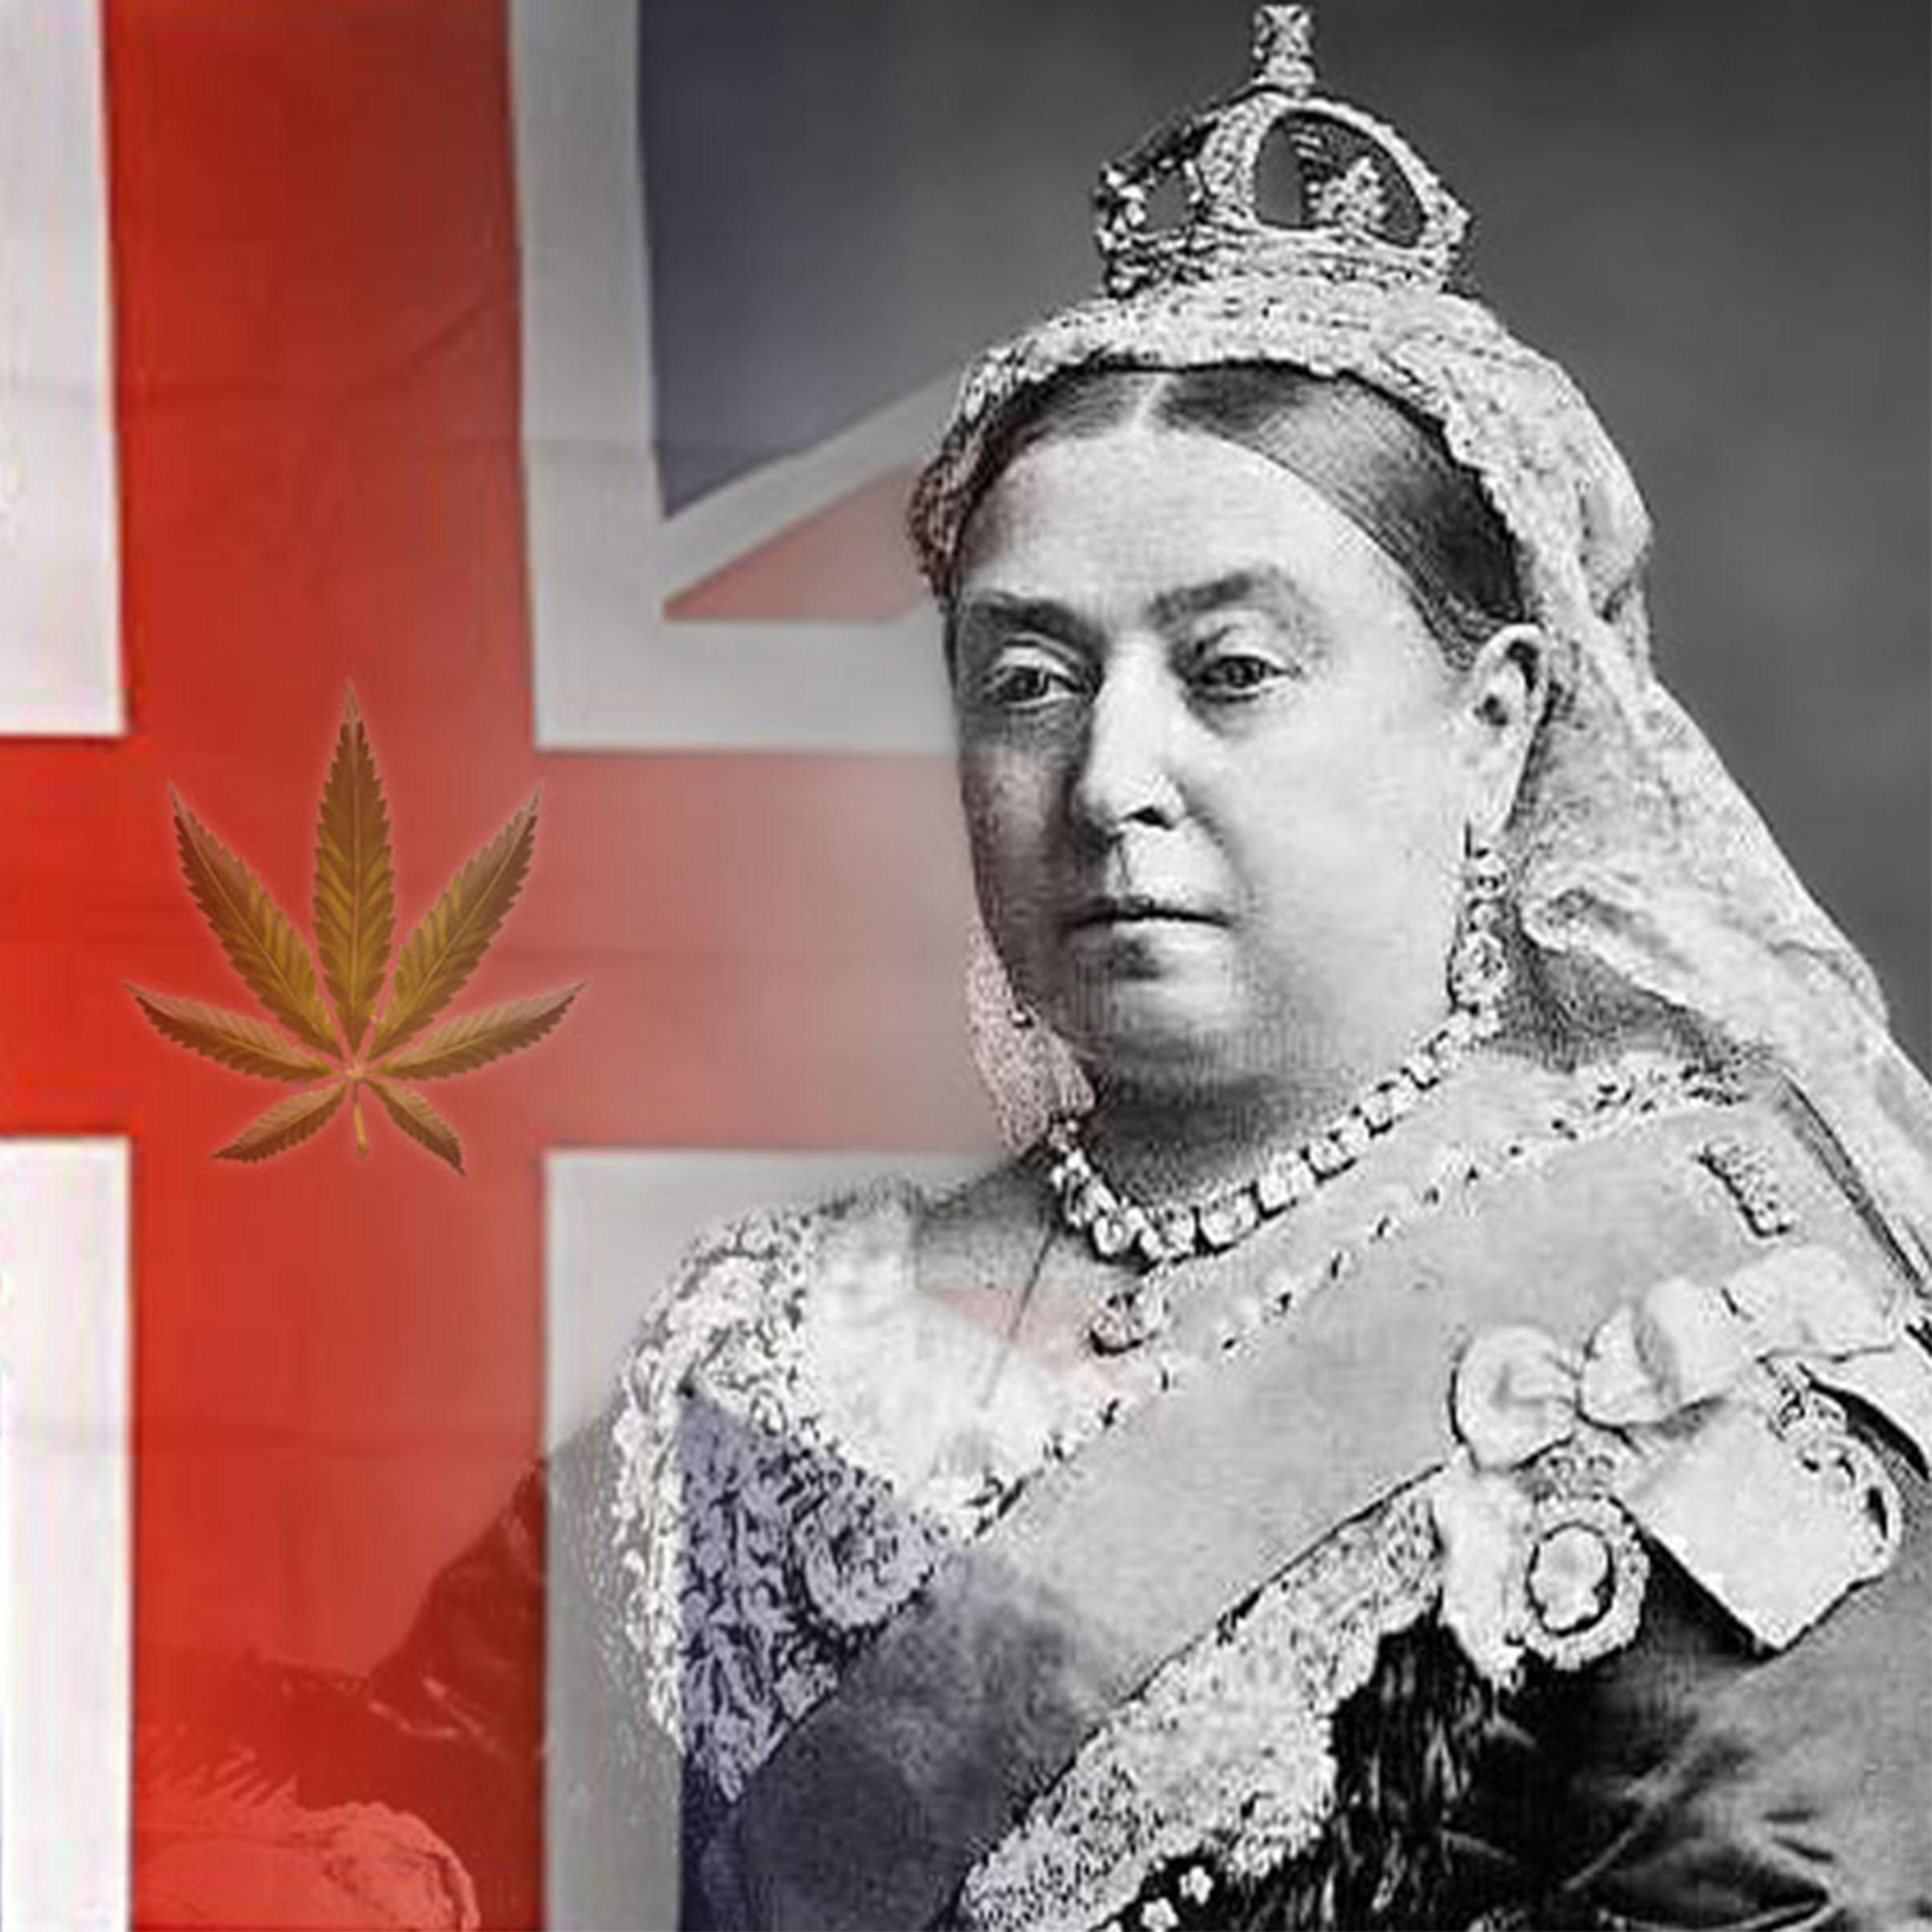 articolo su cannabis e regina vittoria